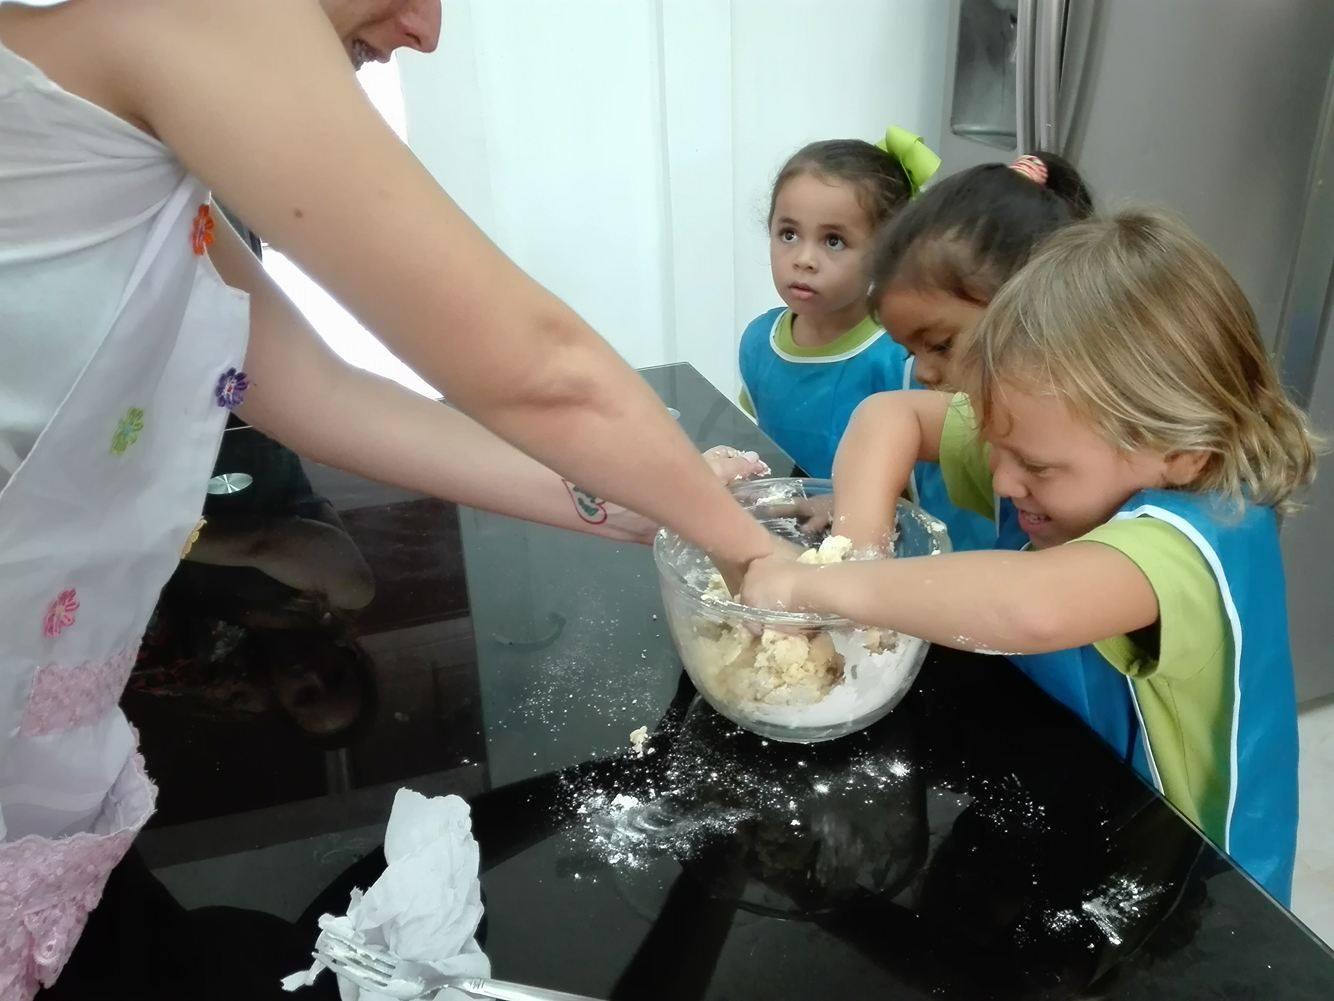 making some empanadas